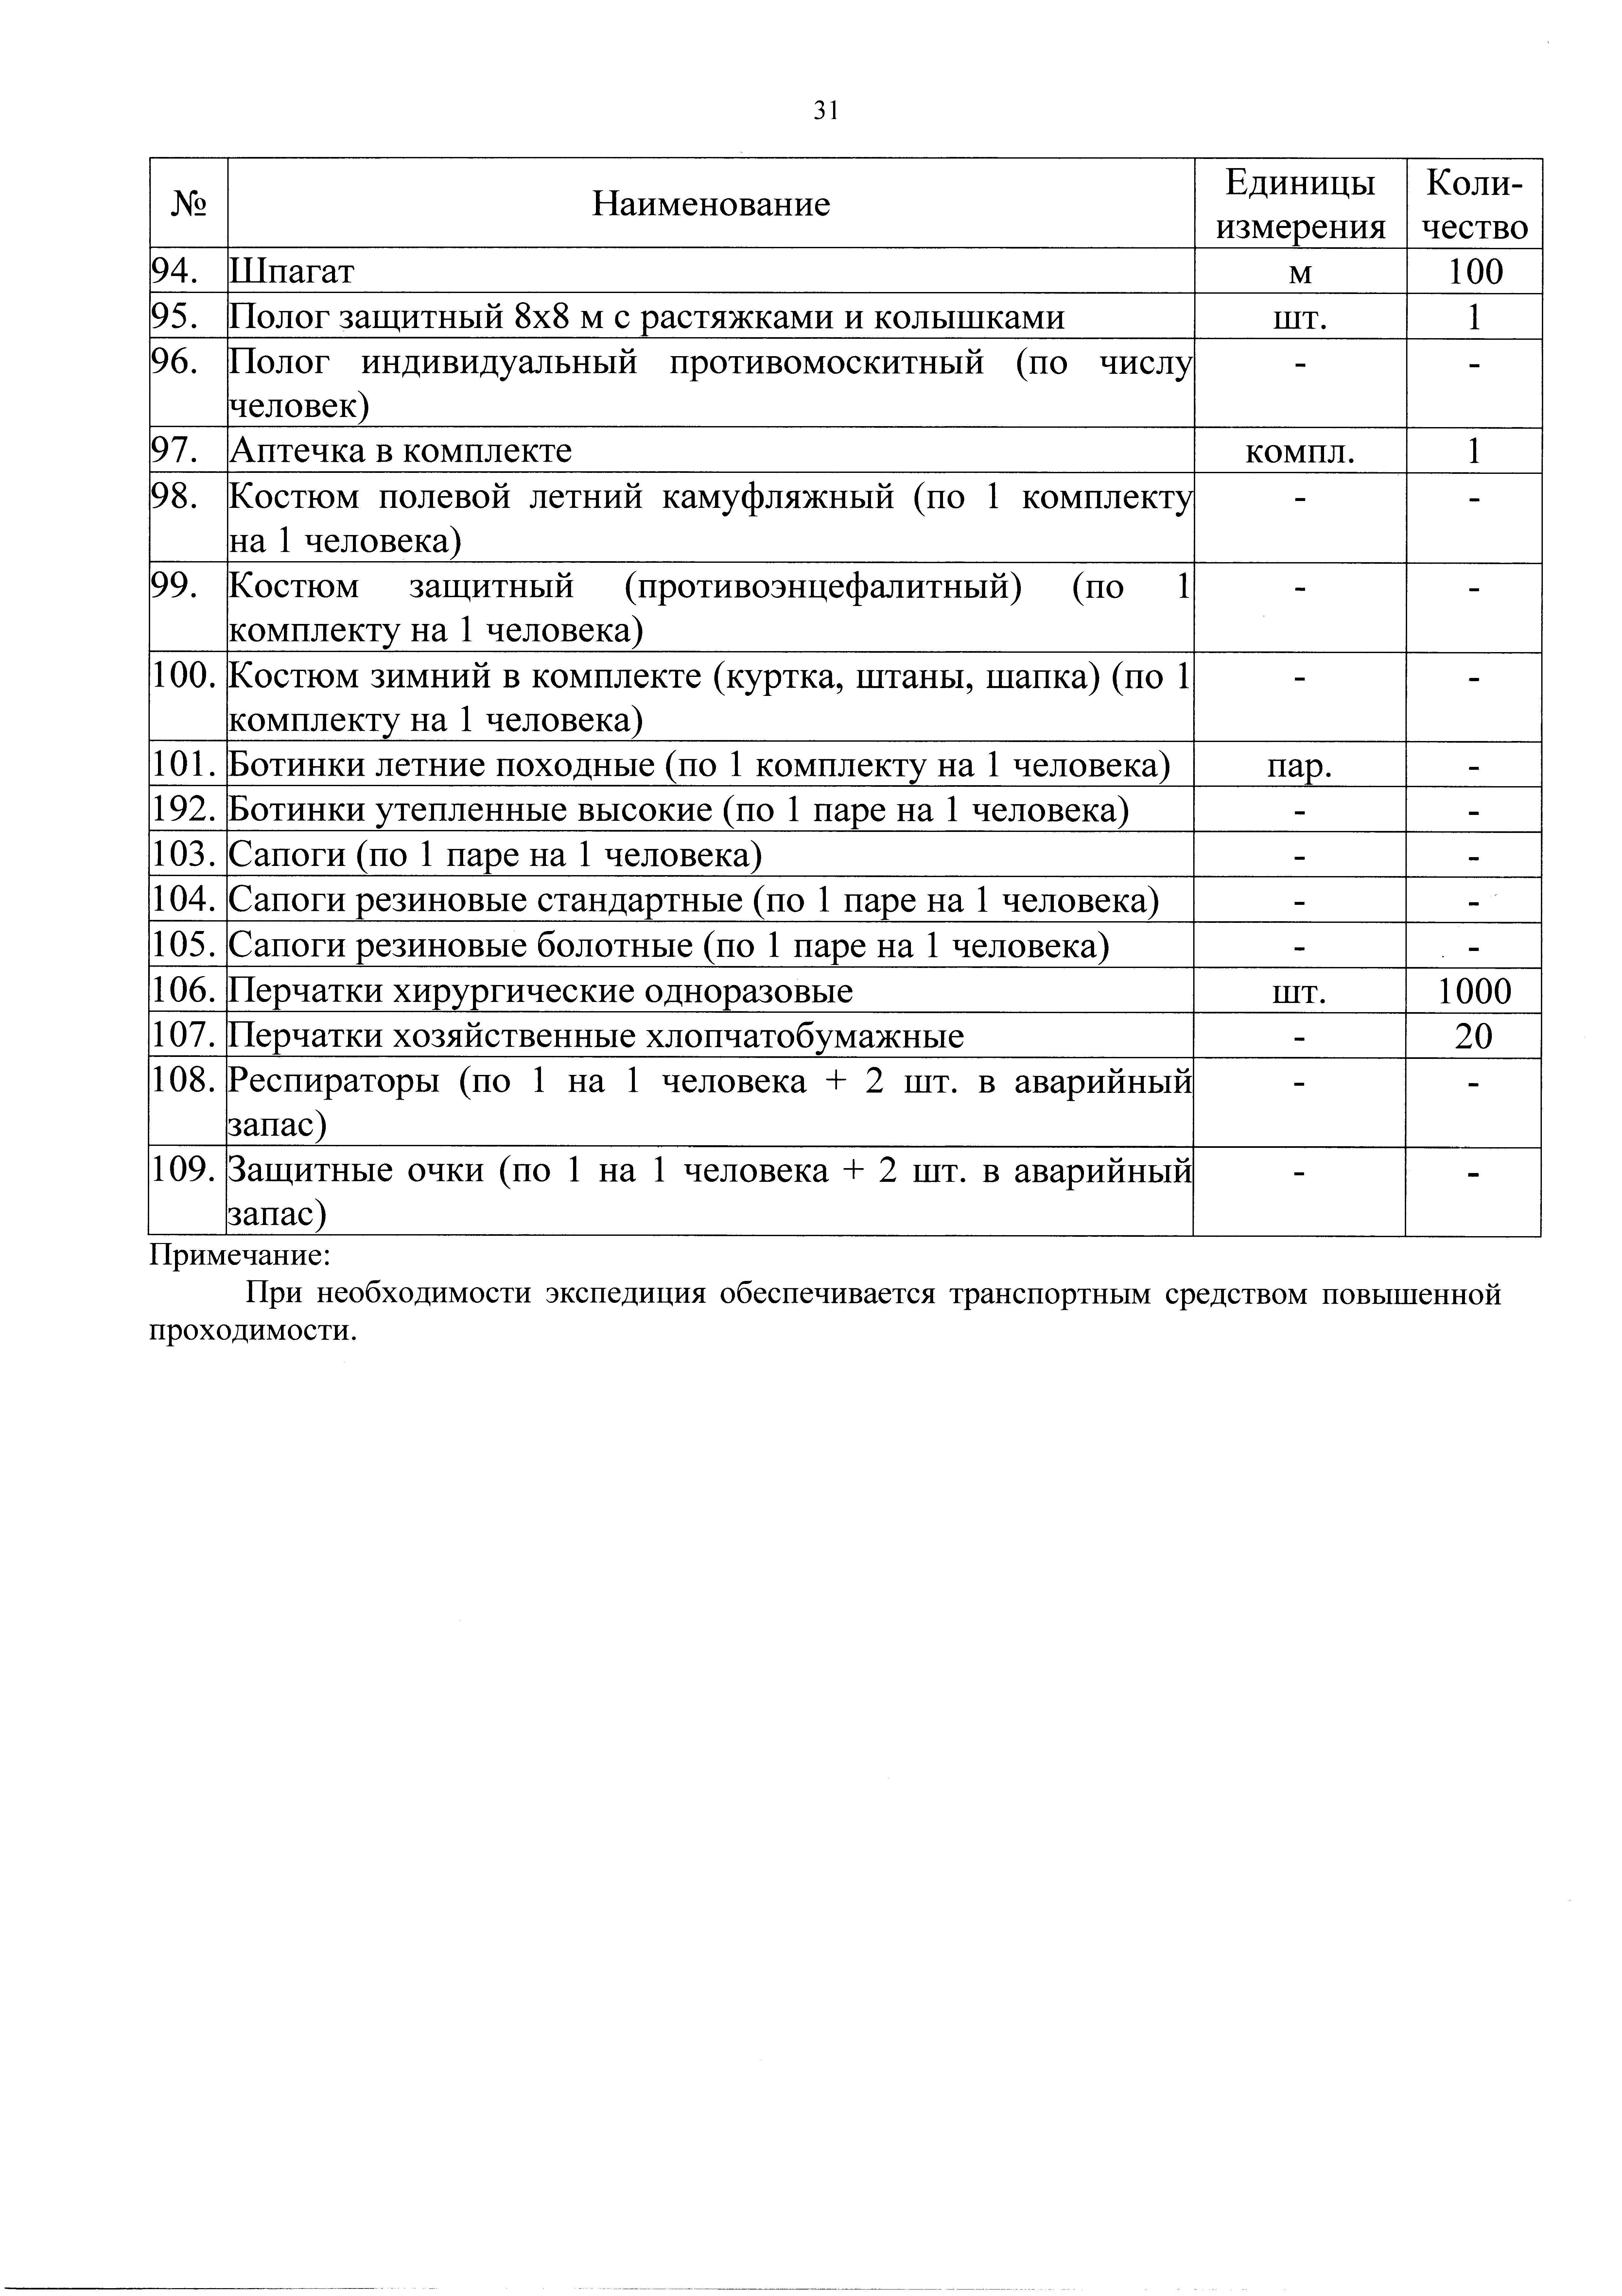 mr-3.1.0211_20-otlov_-uchet-i-prognoz-chislennosti-melkikh-zhivotnykh-i-ptits (1)_Страница_31.png (160 KB)